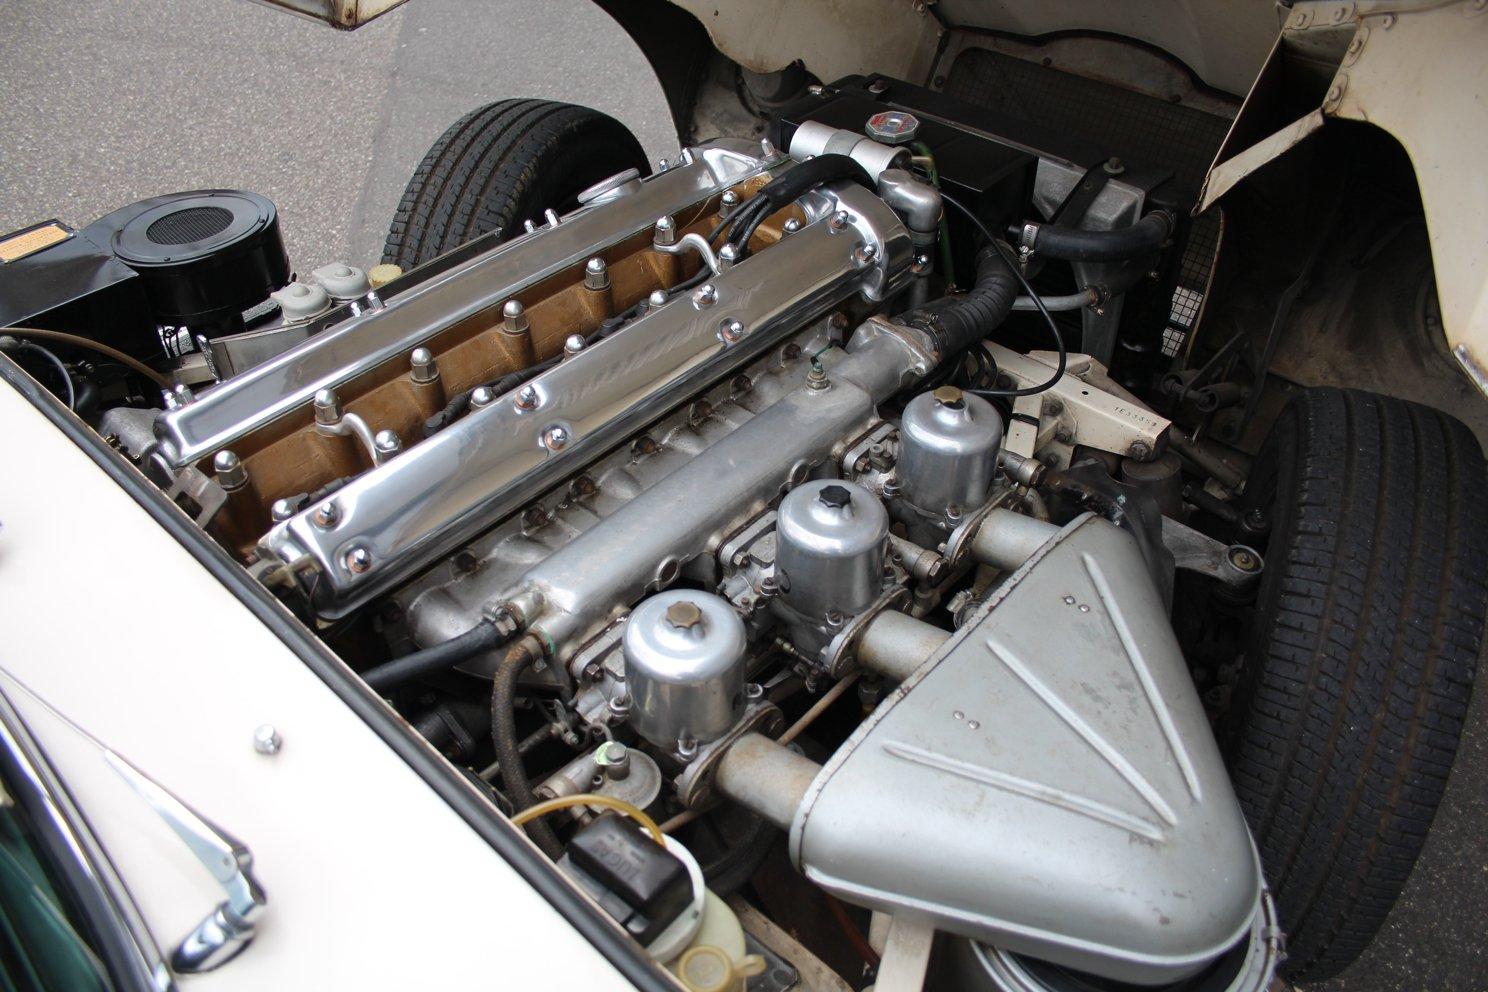 1966 Jaguar E-Type Series I 4.2 Litre Coupé LHD For Sale (picture 4 of 6)